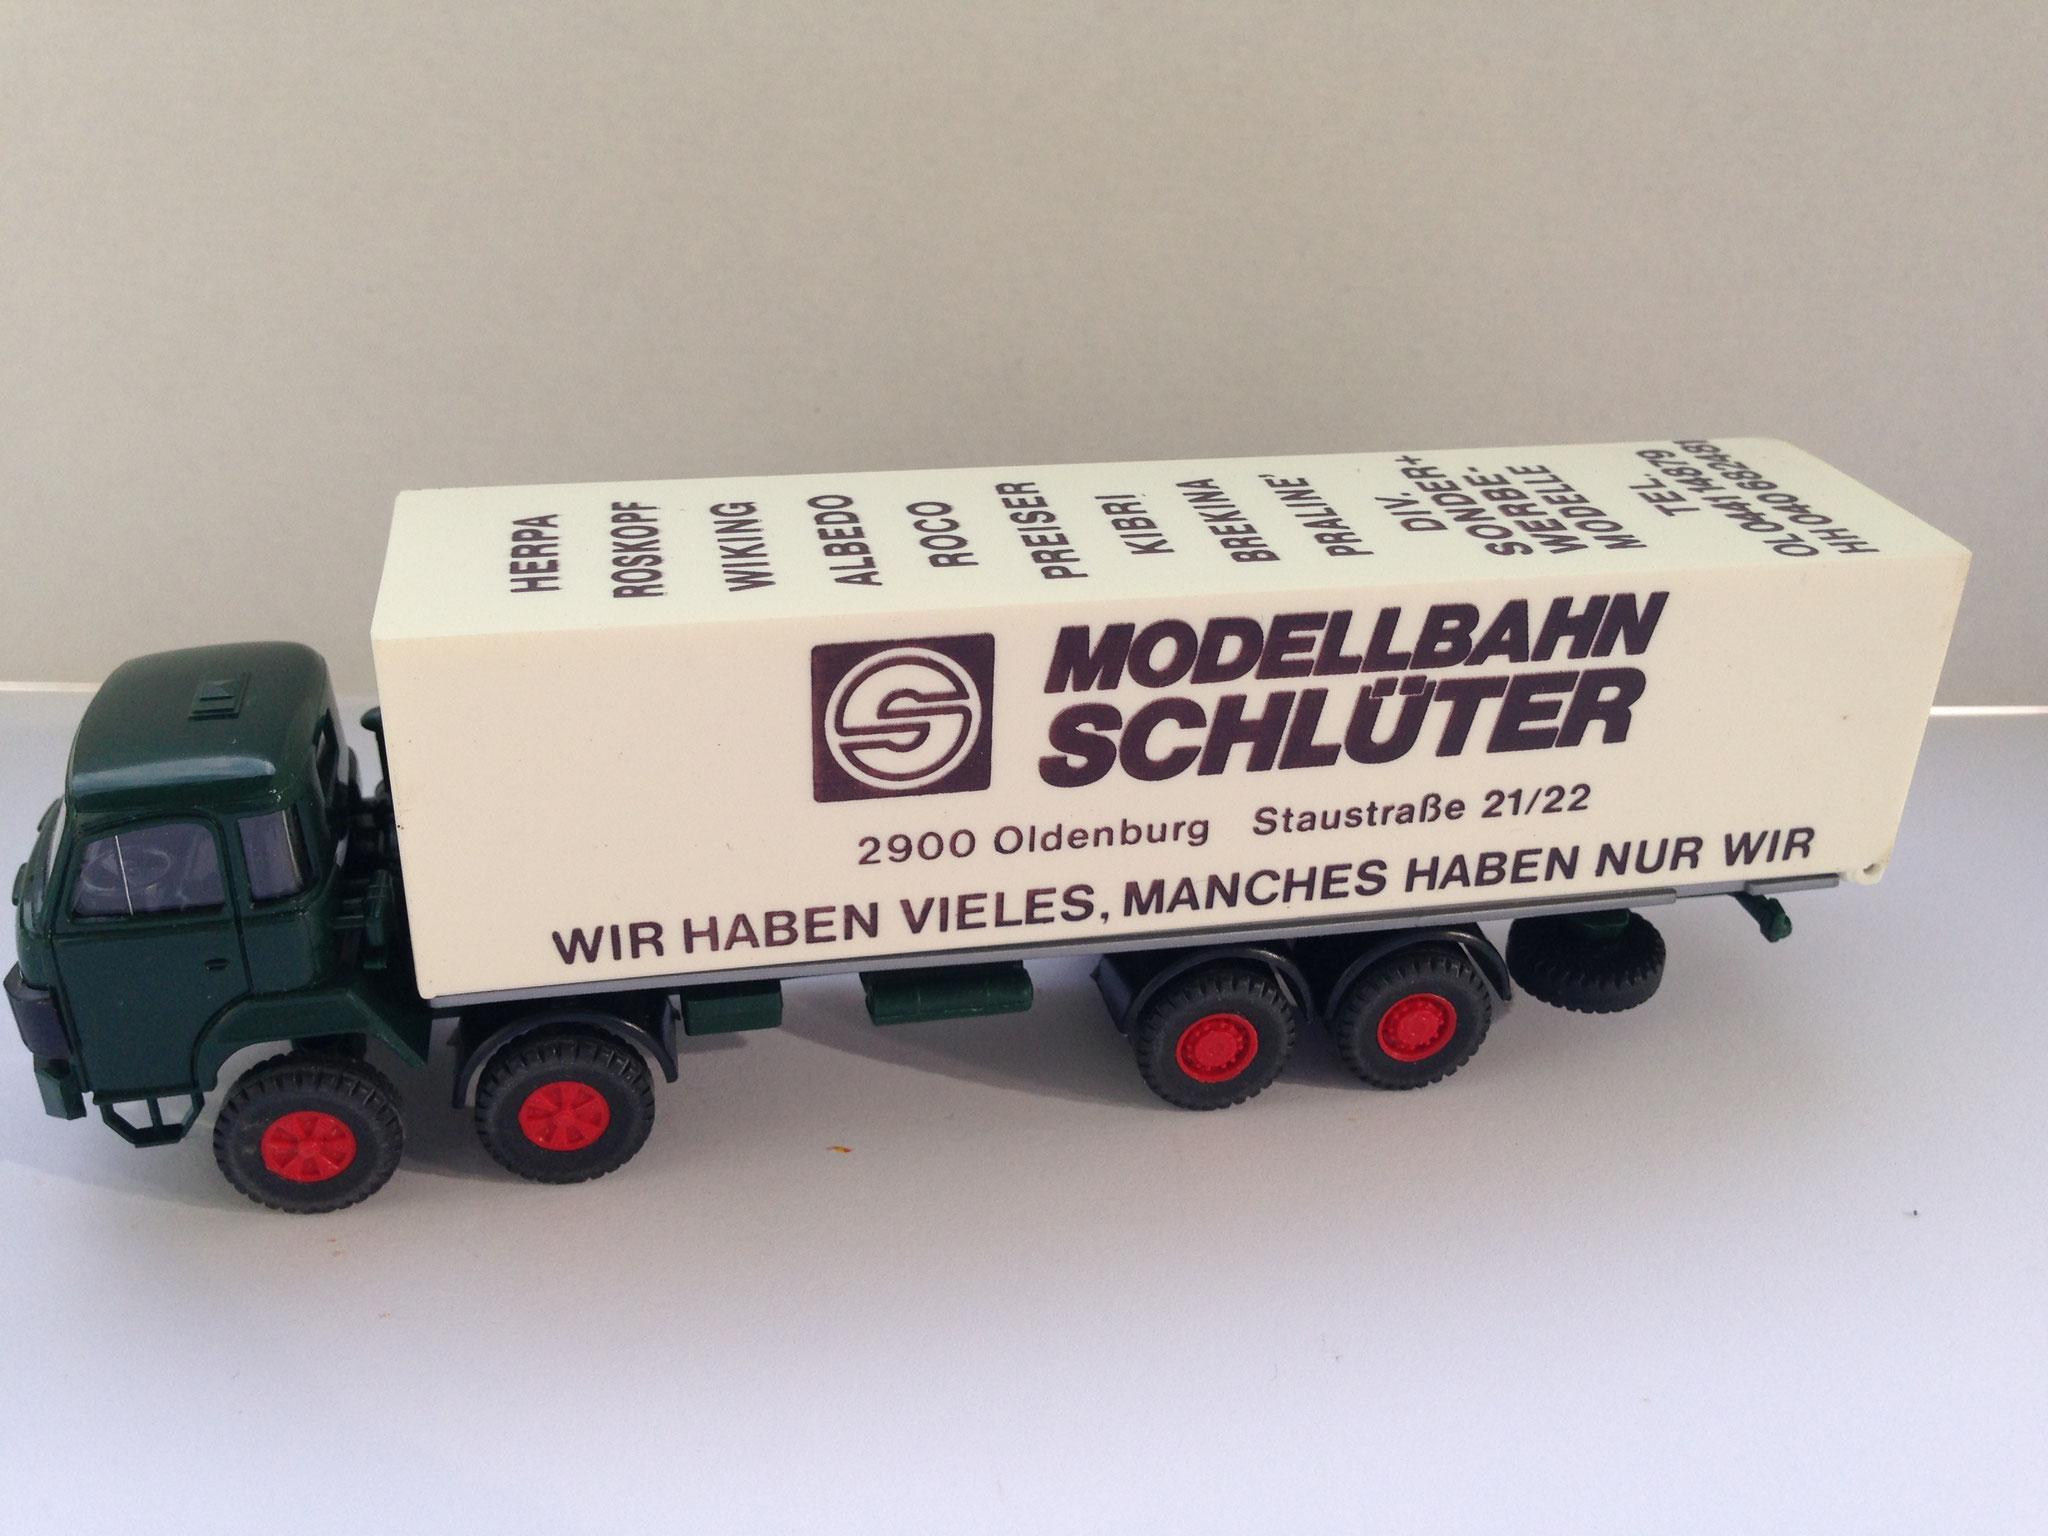 Modellbahn Schlüter, 4-Achser Kasten, Sondermodell